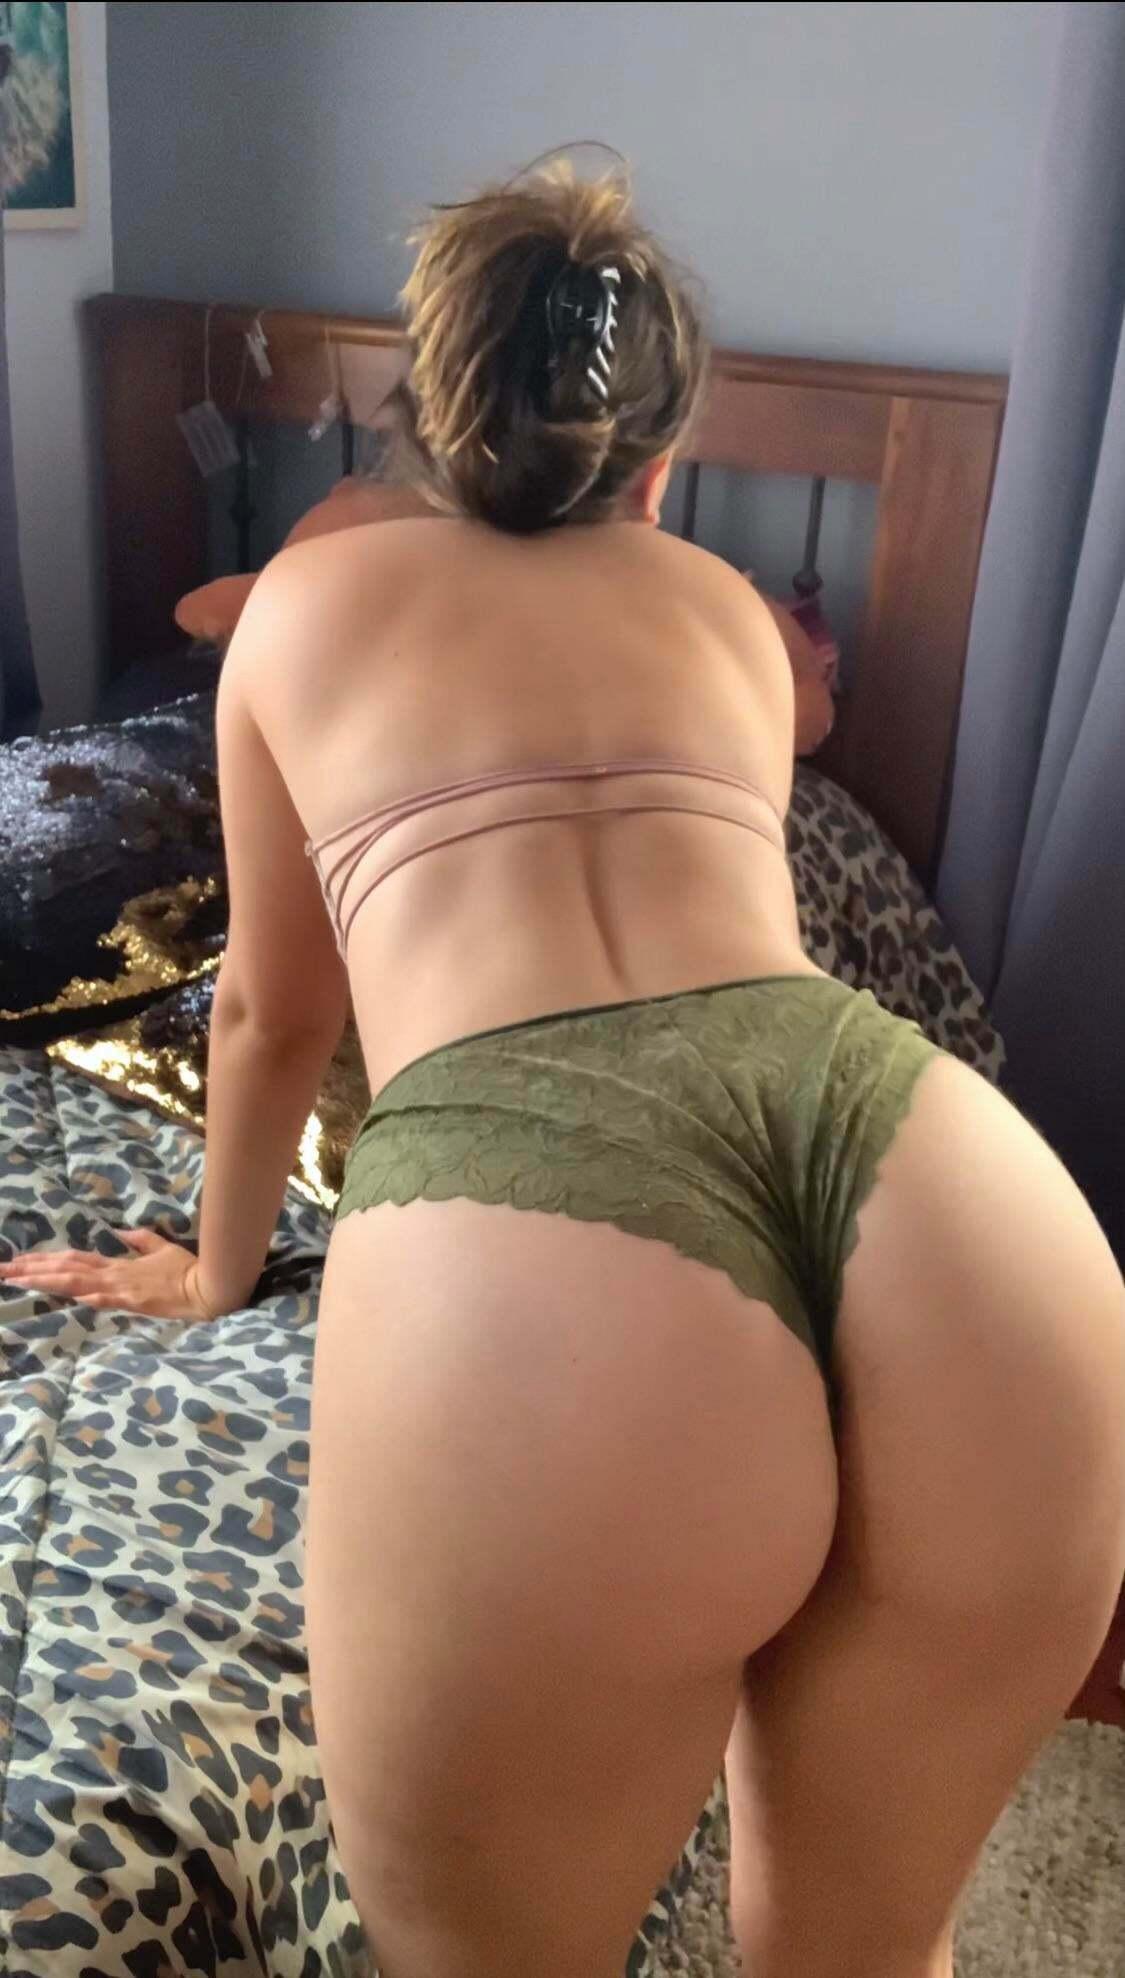 mujeres con culos bonitos, fotos de mujeres enseñando el culo